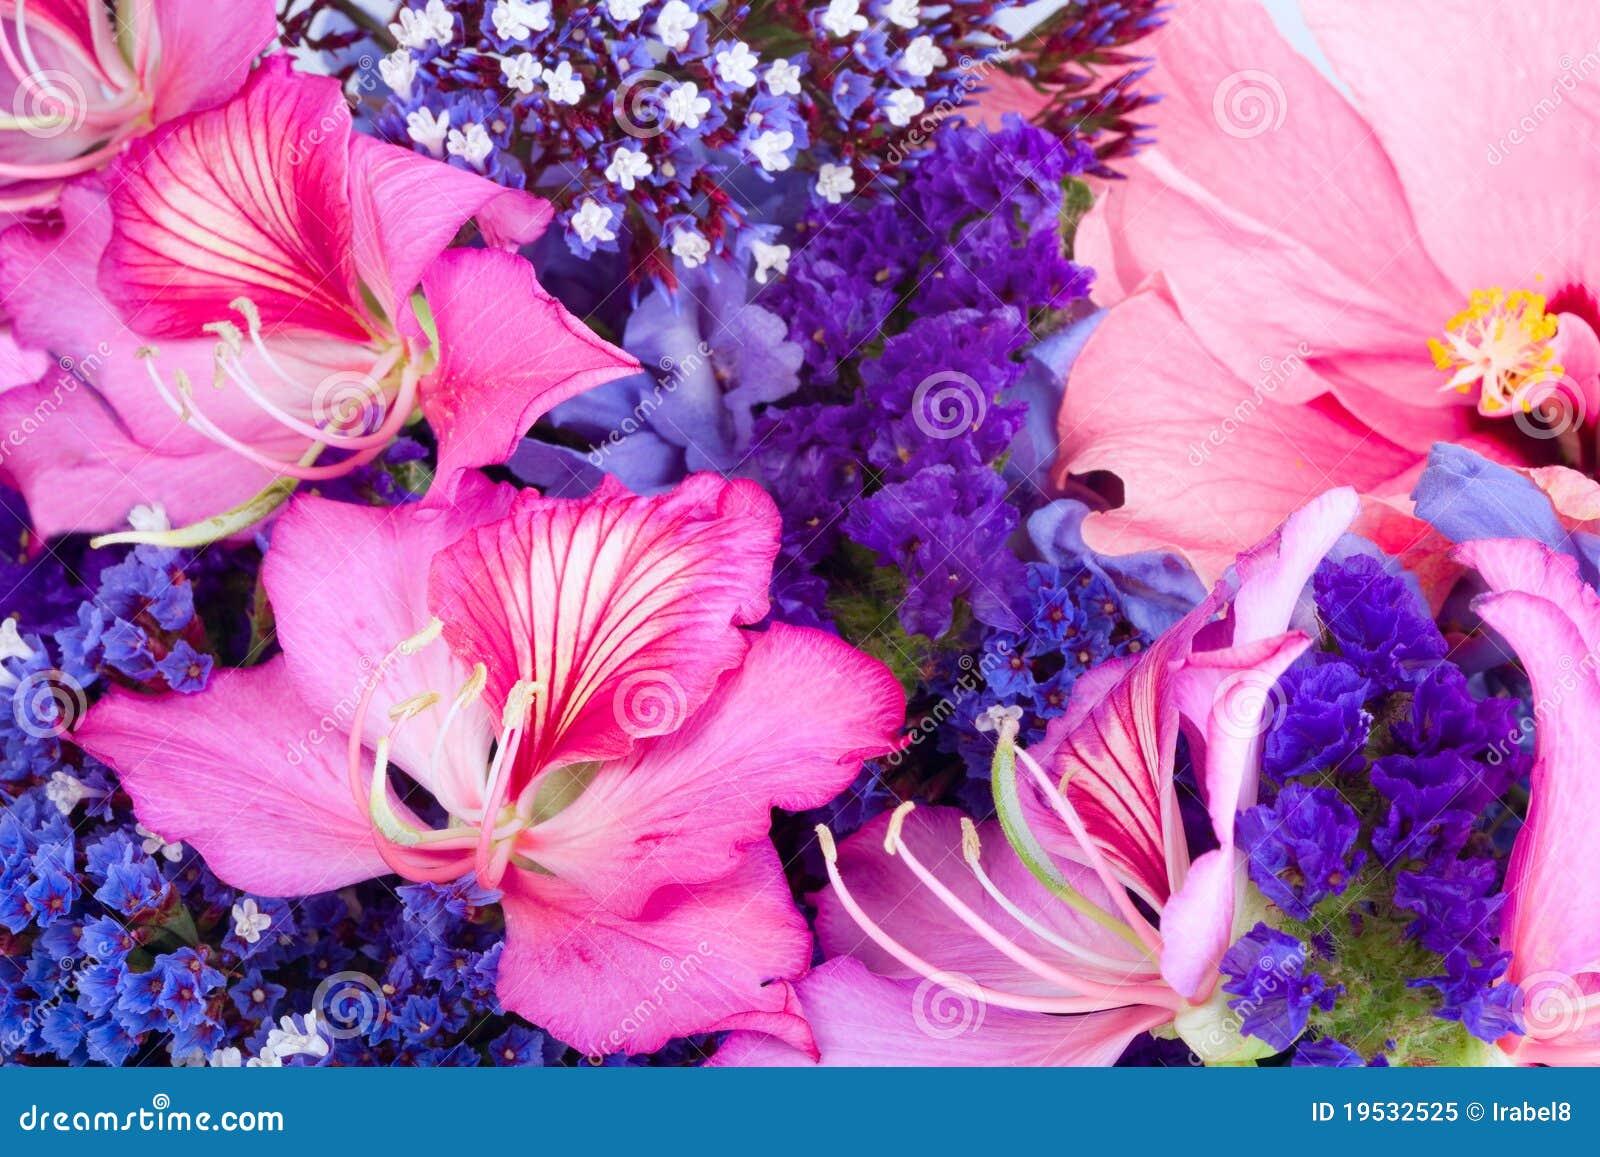 Fondo de flores tropicales foto de archivo libre de - Flores tropicales fotos ...